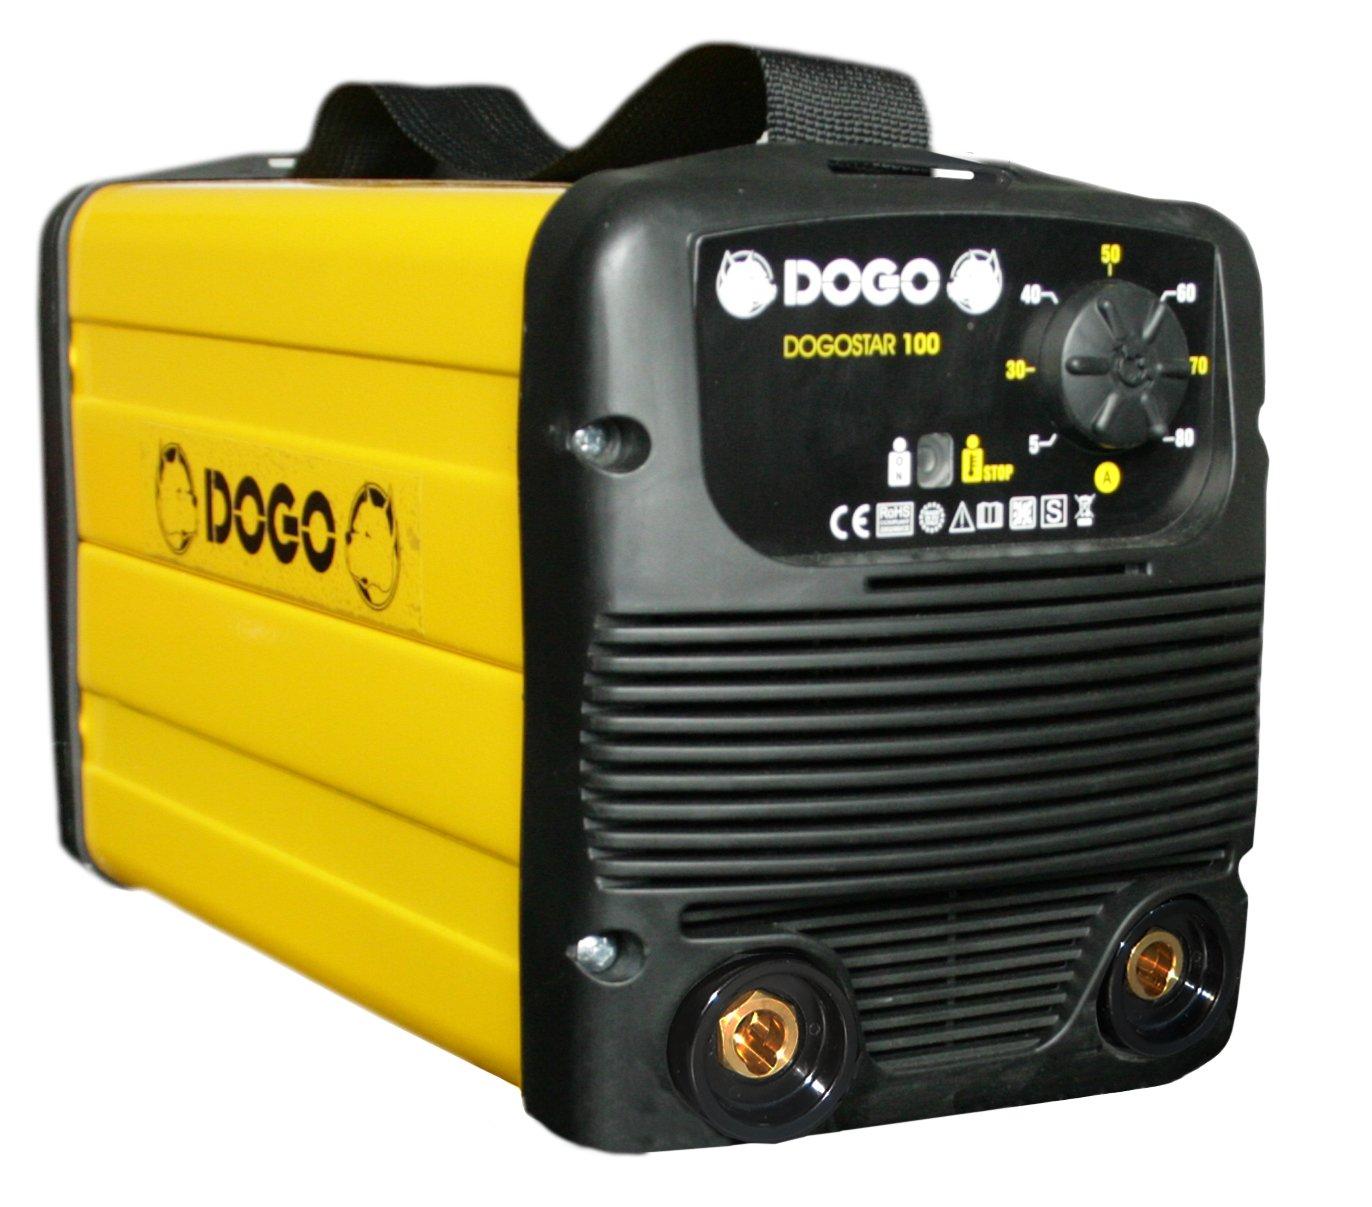 Dogo 66072 soldadora Inverter para electrodos 80 Amp, Amarillo: Amazon.es: Bricolaje y herramientas